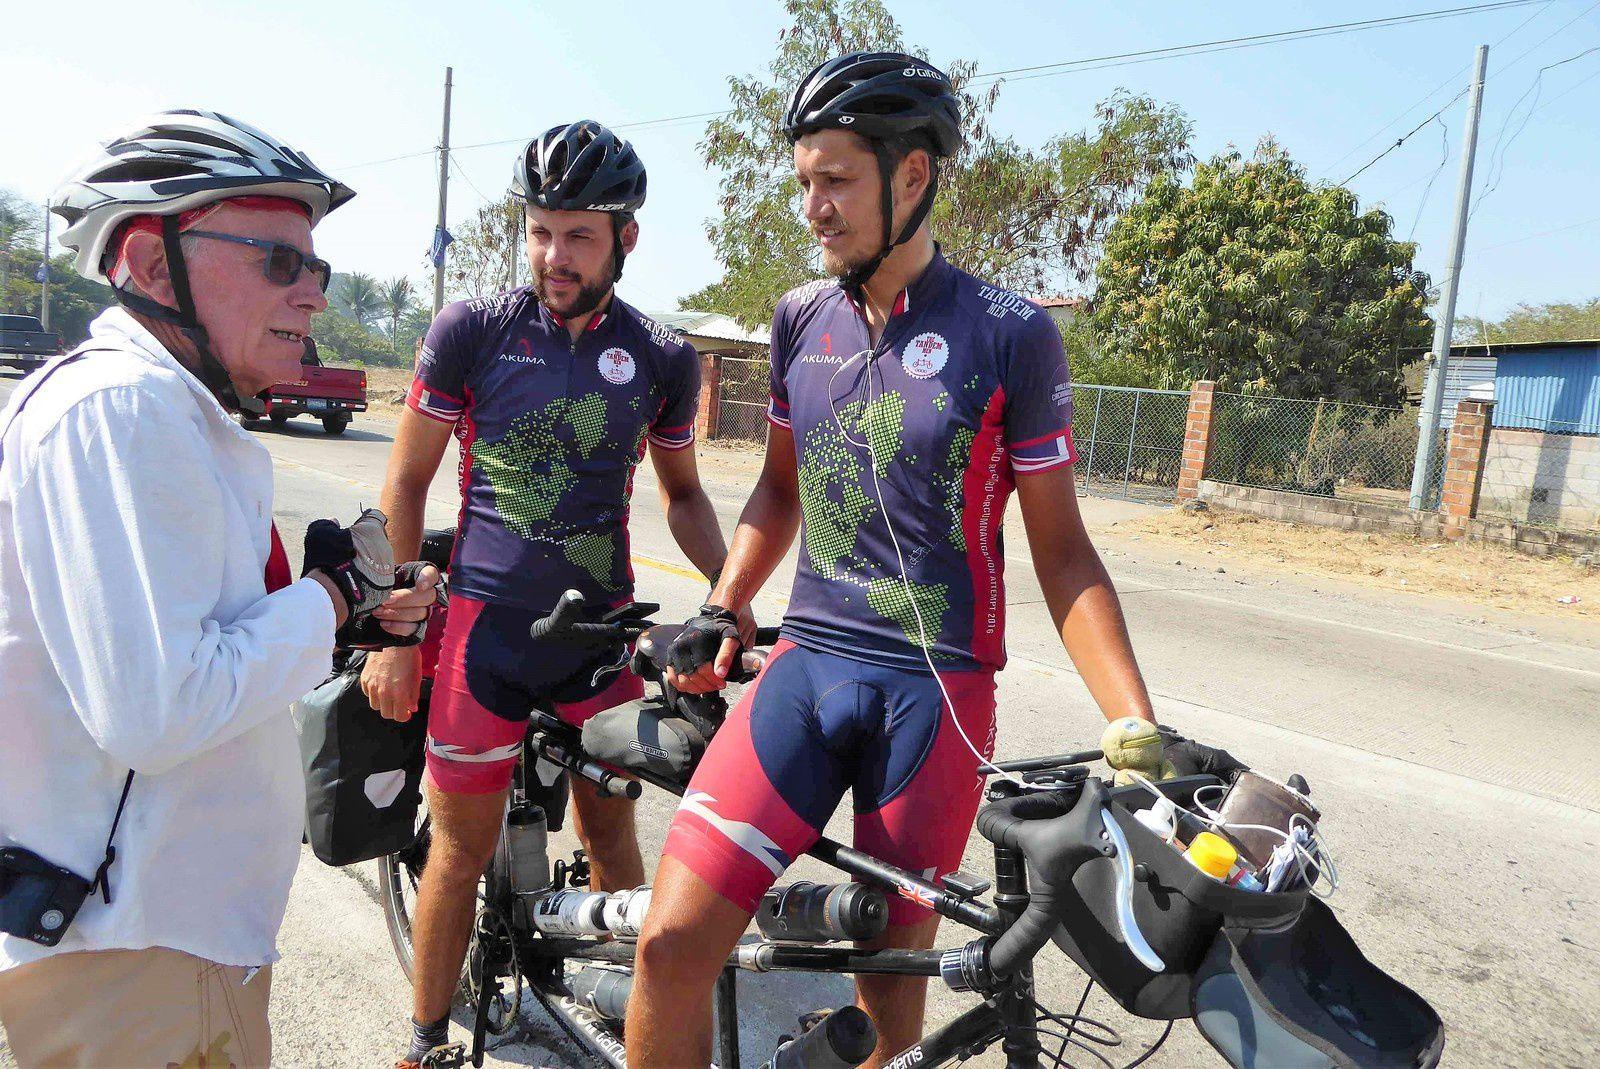 On s'explique avec John et Georges. Ils nous annoncent faire régulièrement 100 miles par jour soit 160 km.